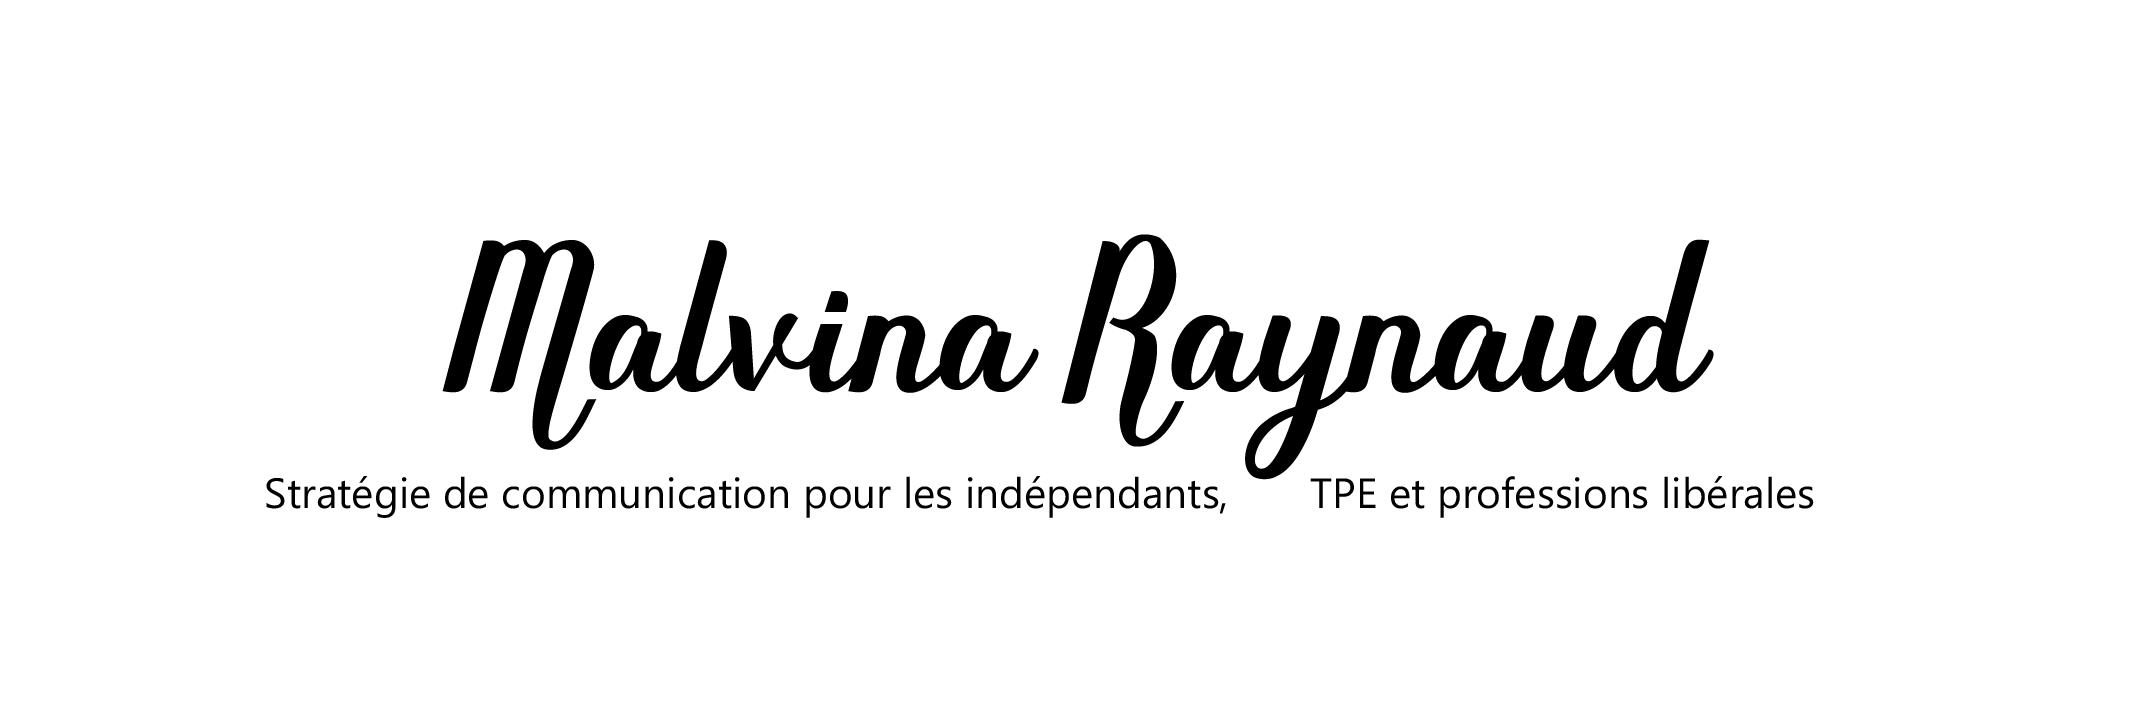 Malvina RAYNAUD, Conseil en Communication pour Indépendants, TPE, PME et créateurs d'entreprises